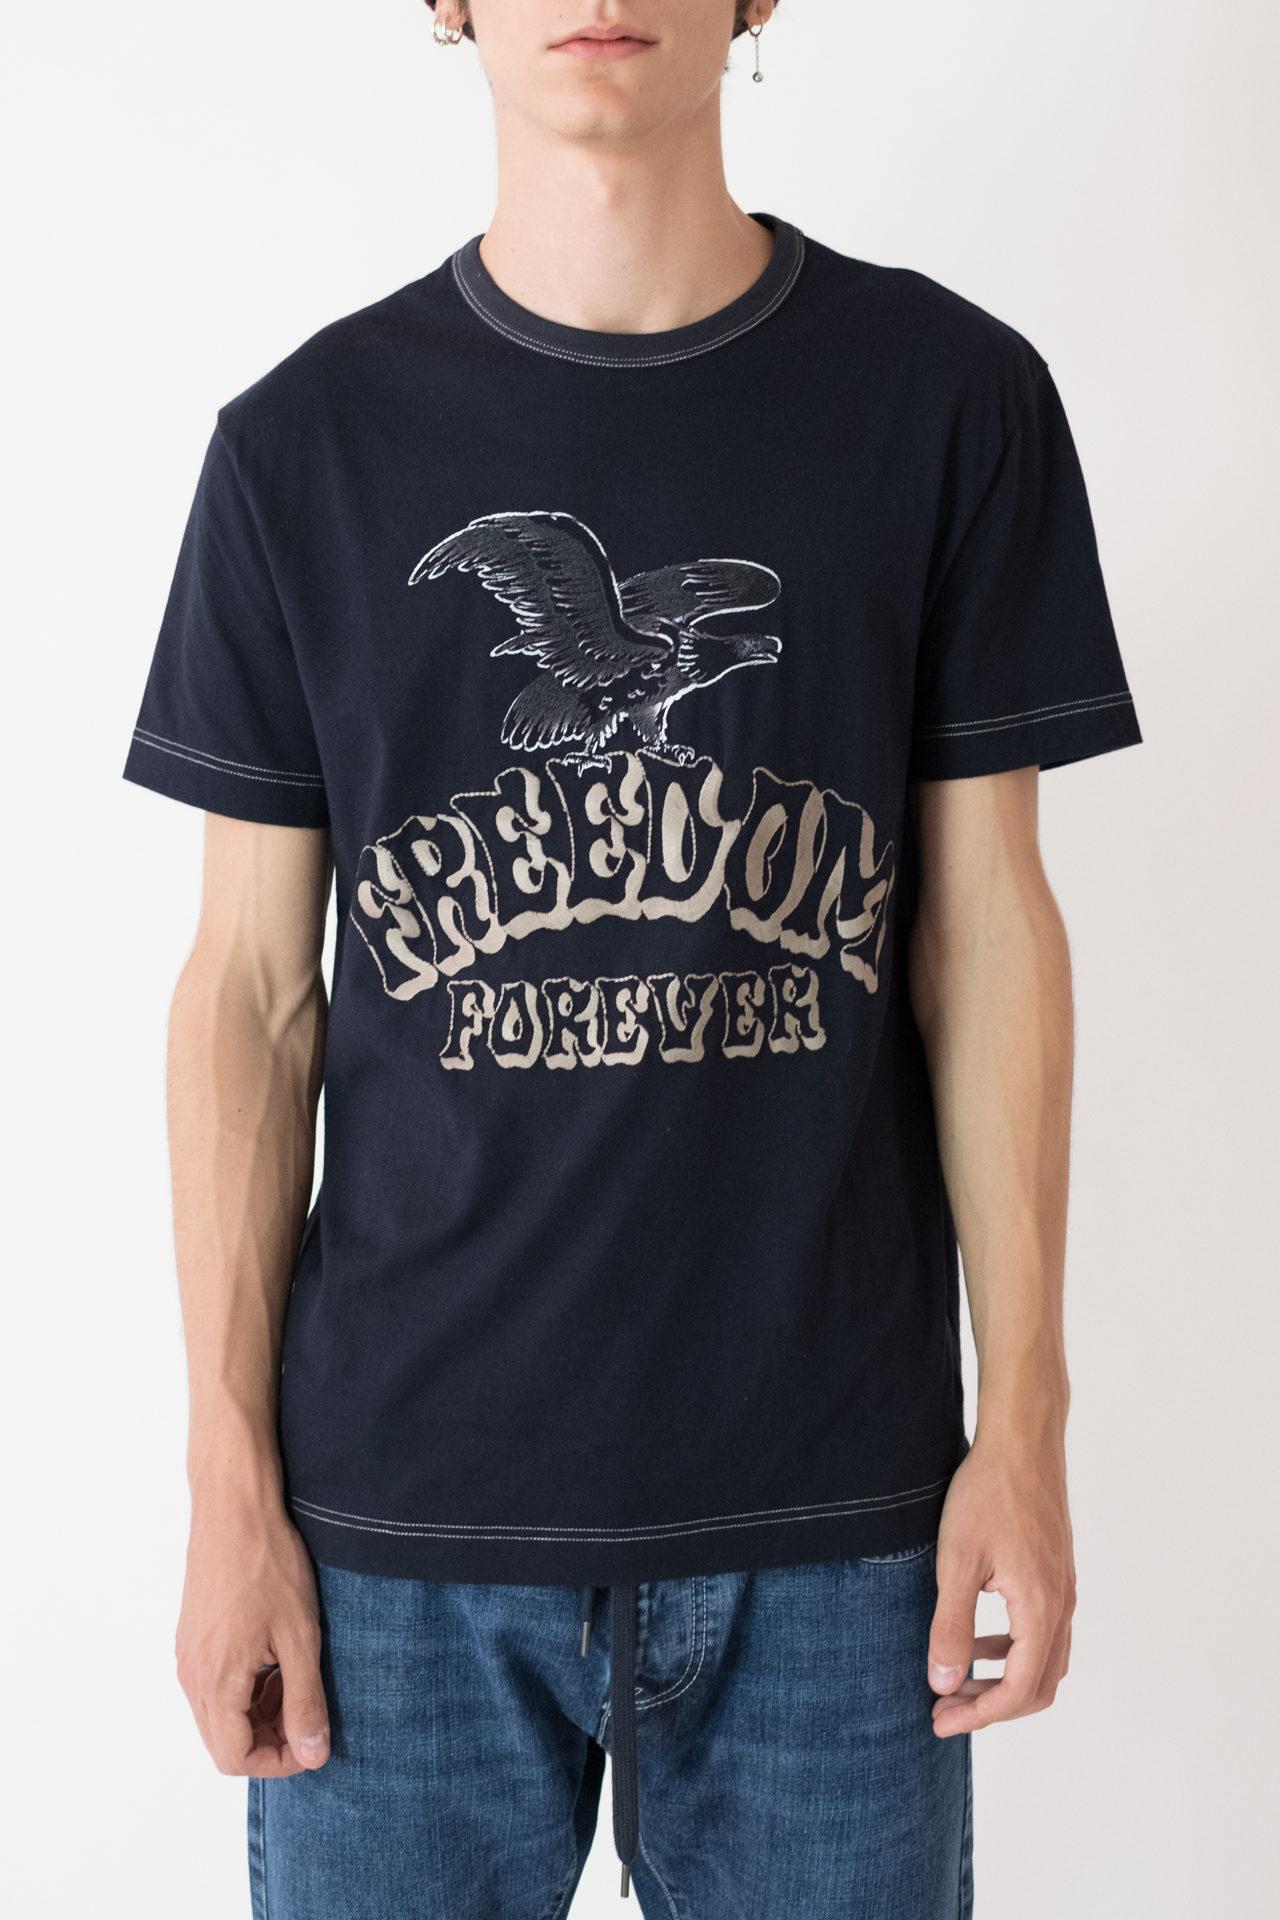 Andrea Pompilio T-shirt Paxon